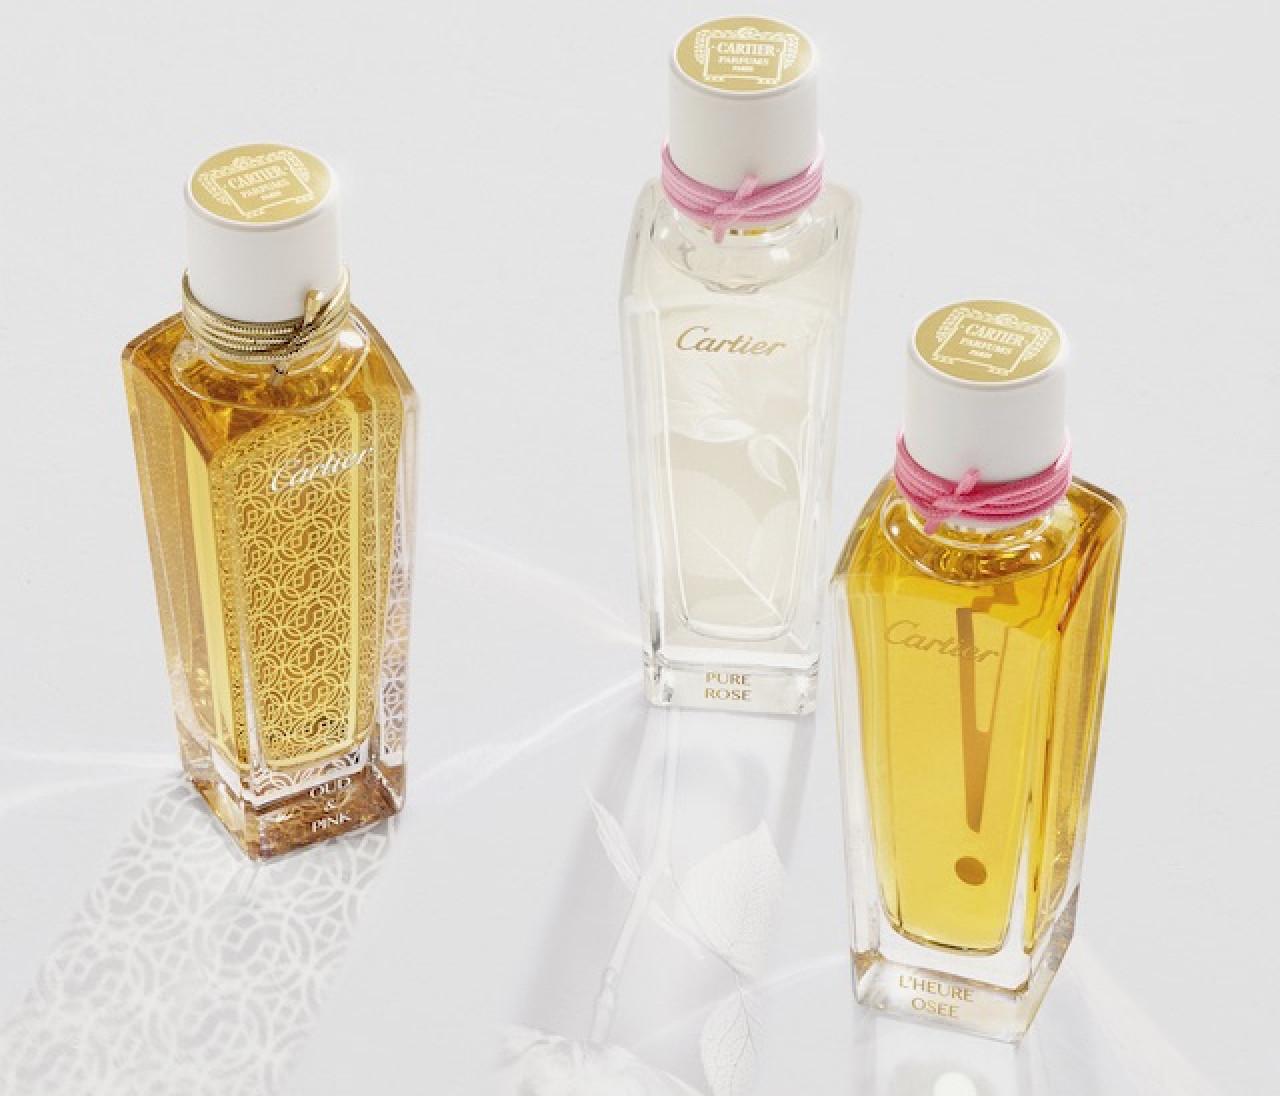 カルティエの香水、3つの香りがデビュー!野性味あふれるバラを表現したアプローチが新鮮